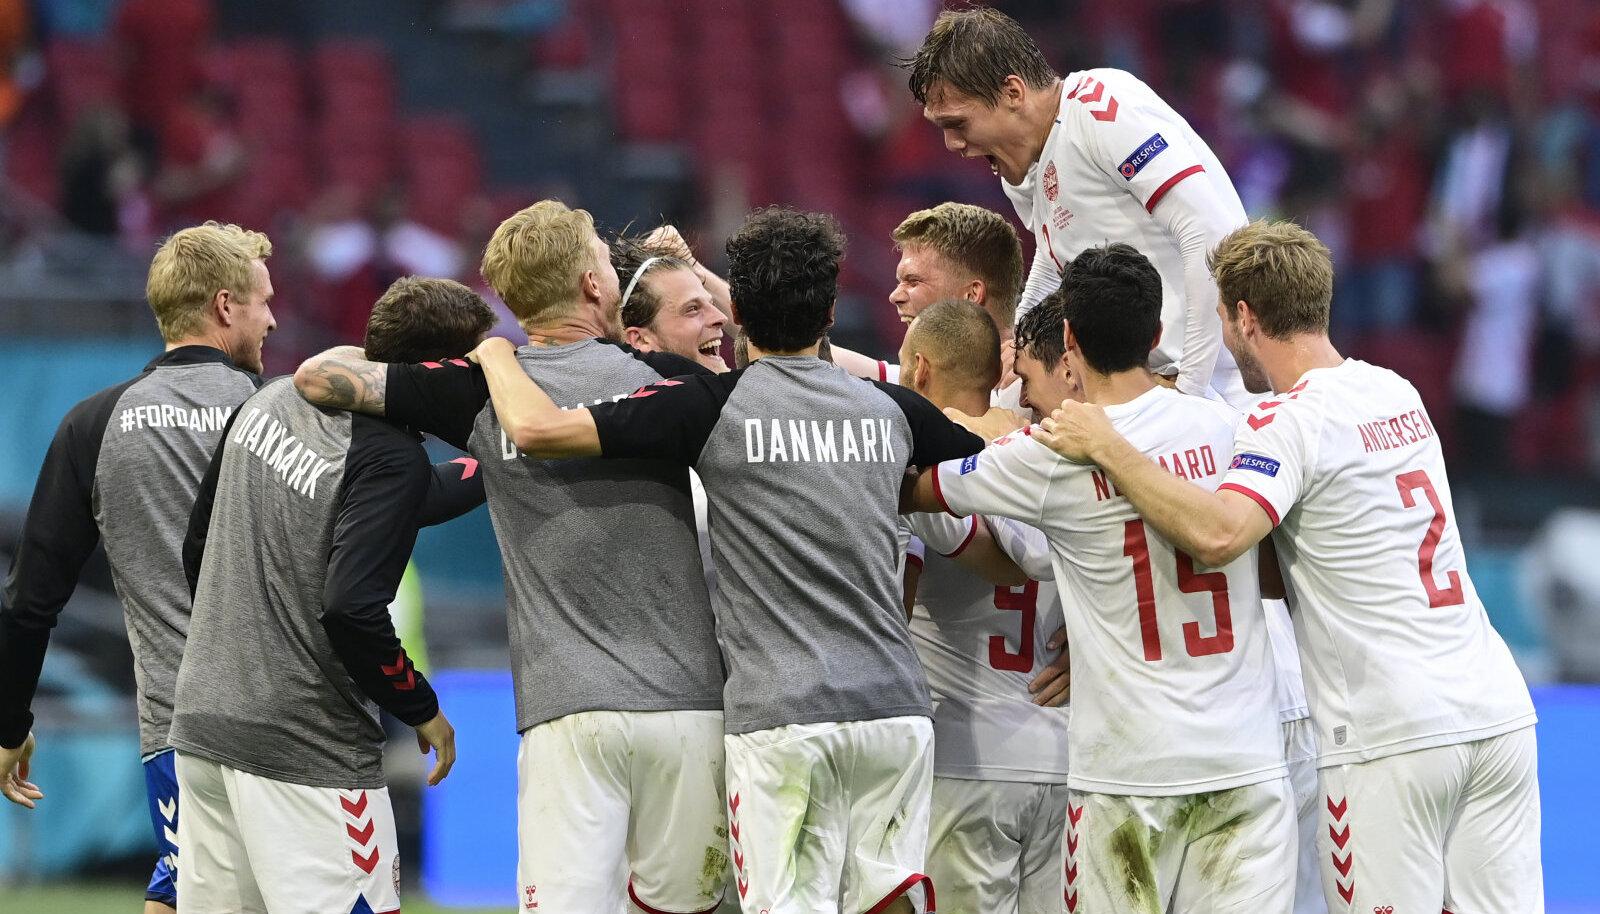 Taani koondis on viimases kahes mängus näidanud väga atraktiivset jalgpalli.